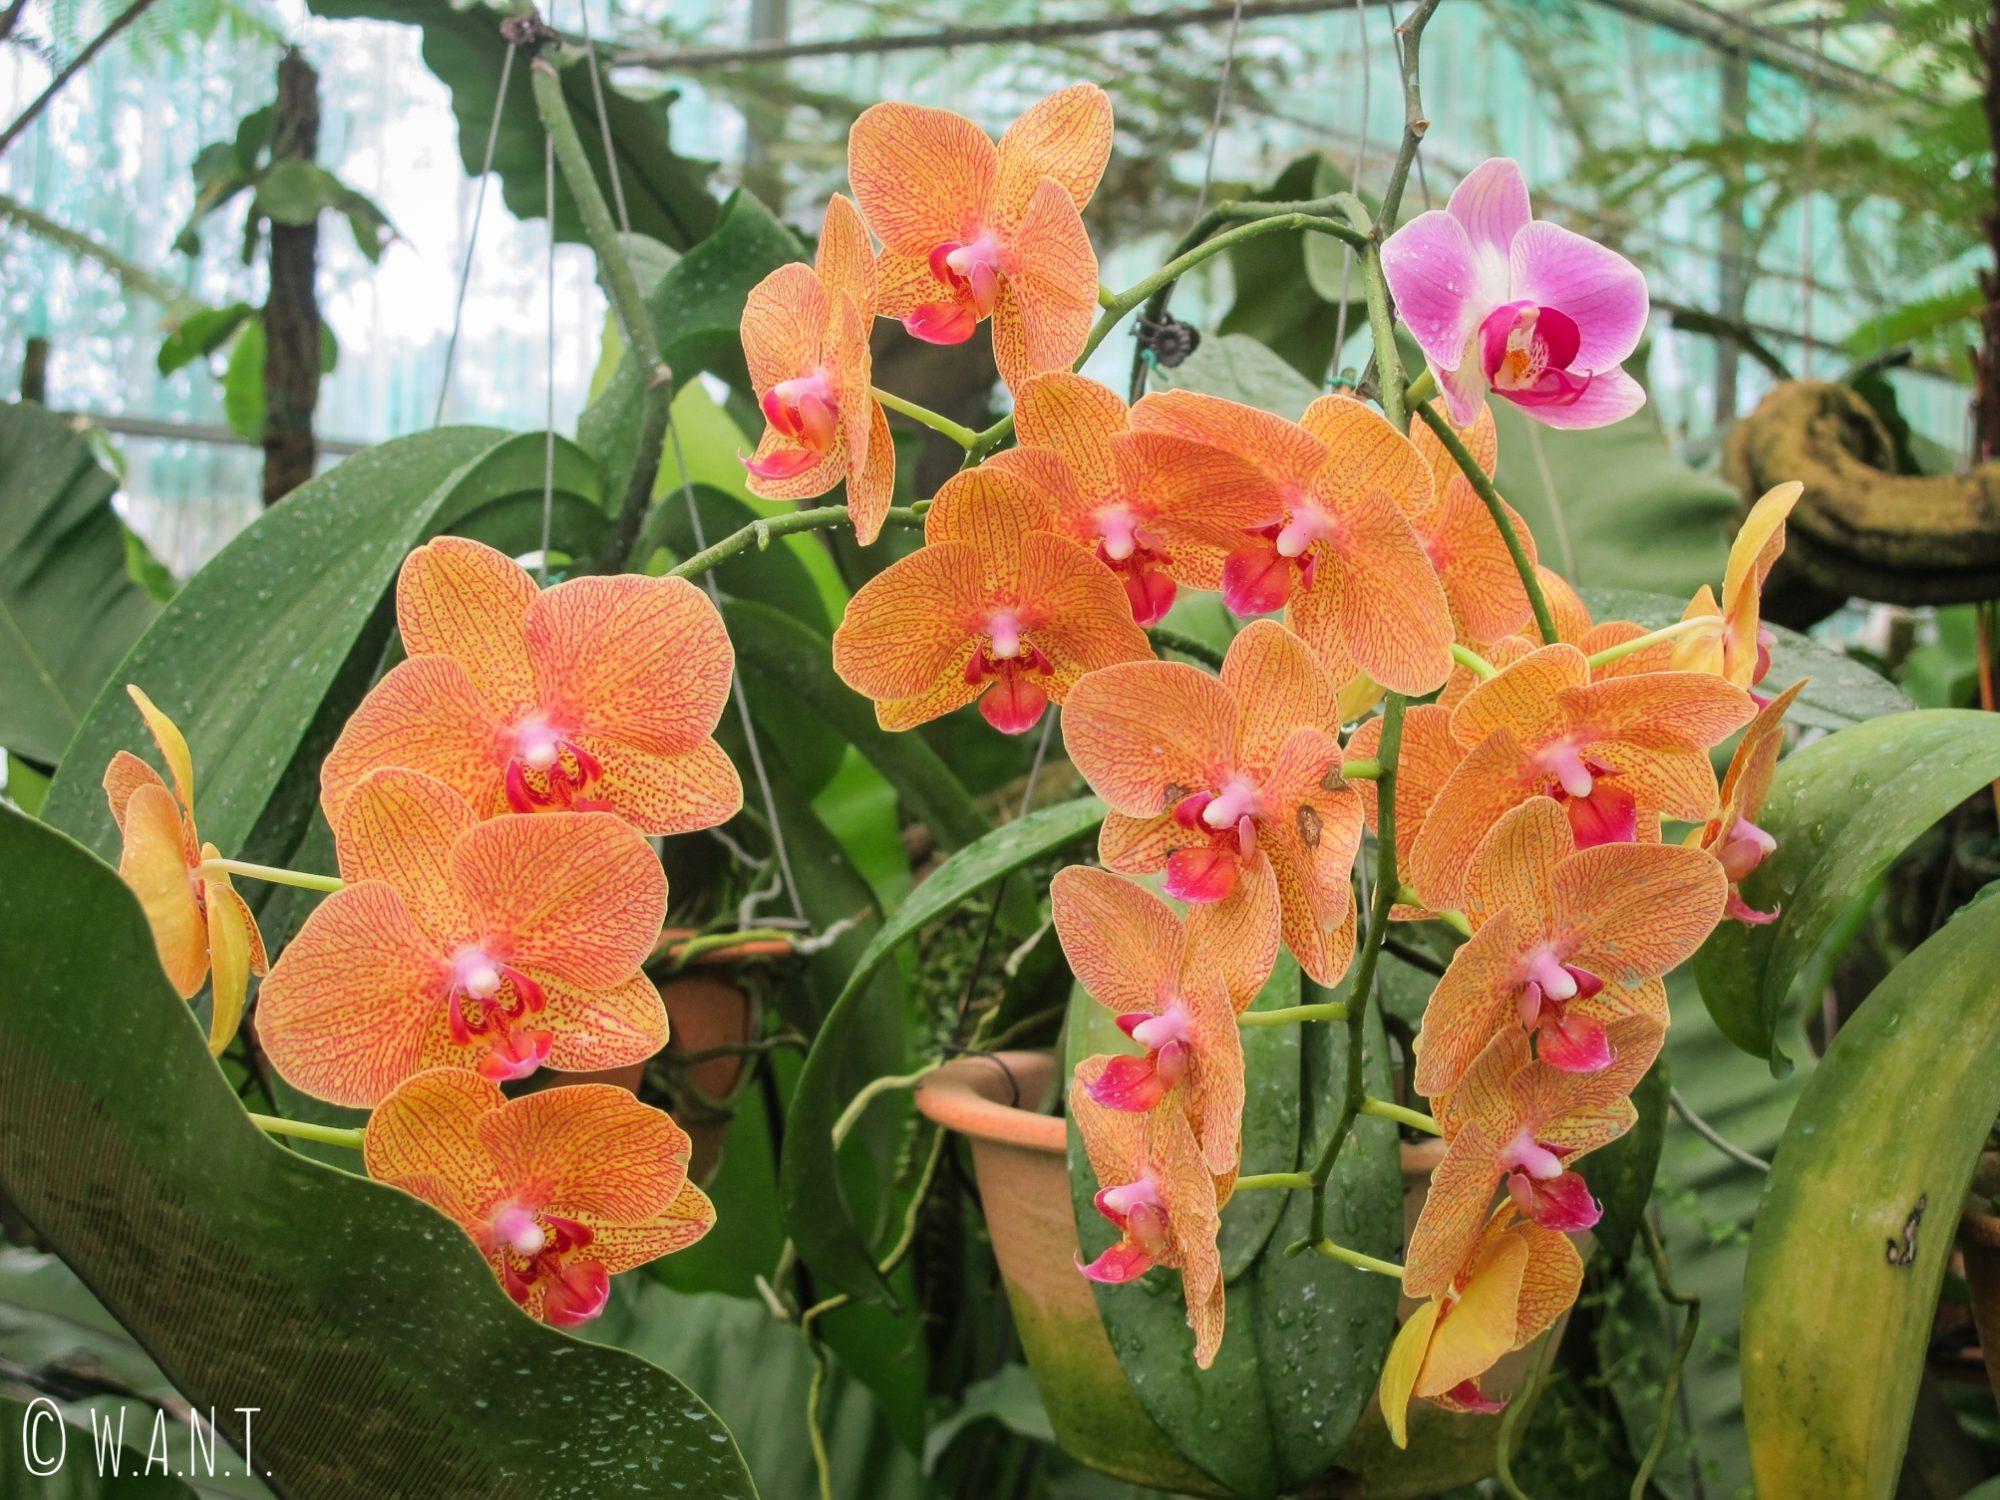 Orchidée orange de l'Orchid Garden de Kuching